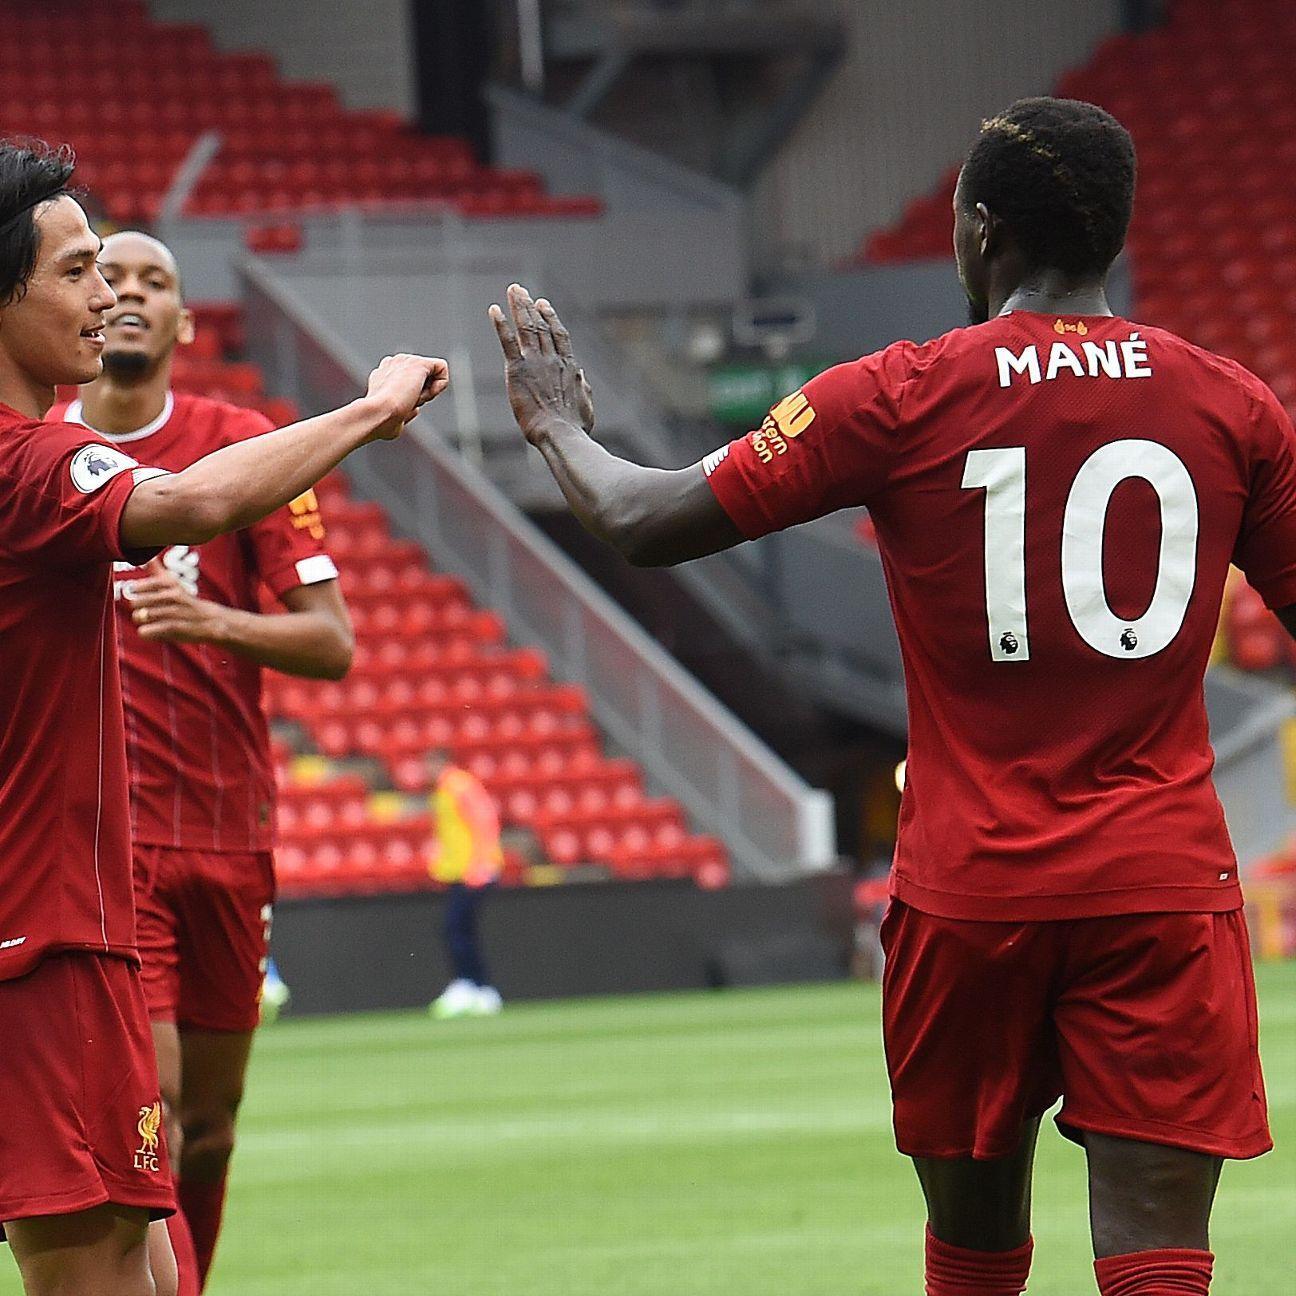 Liverpool boss Jurgen Klopp happy after 6-0 thrashing of Blackburn at Anfield